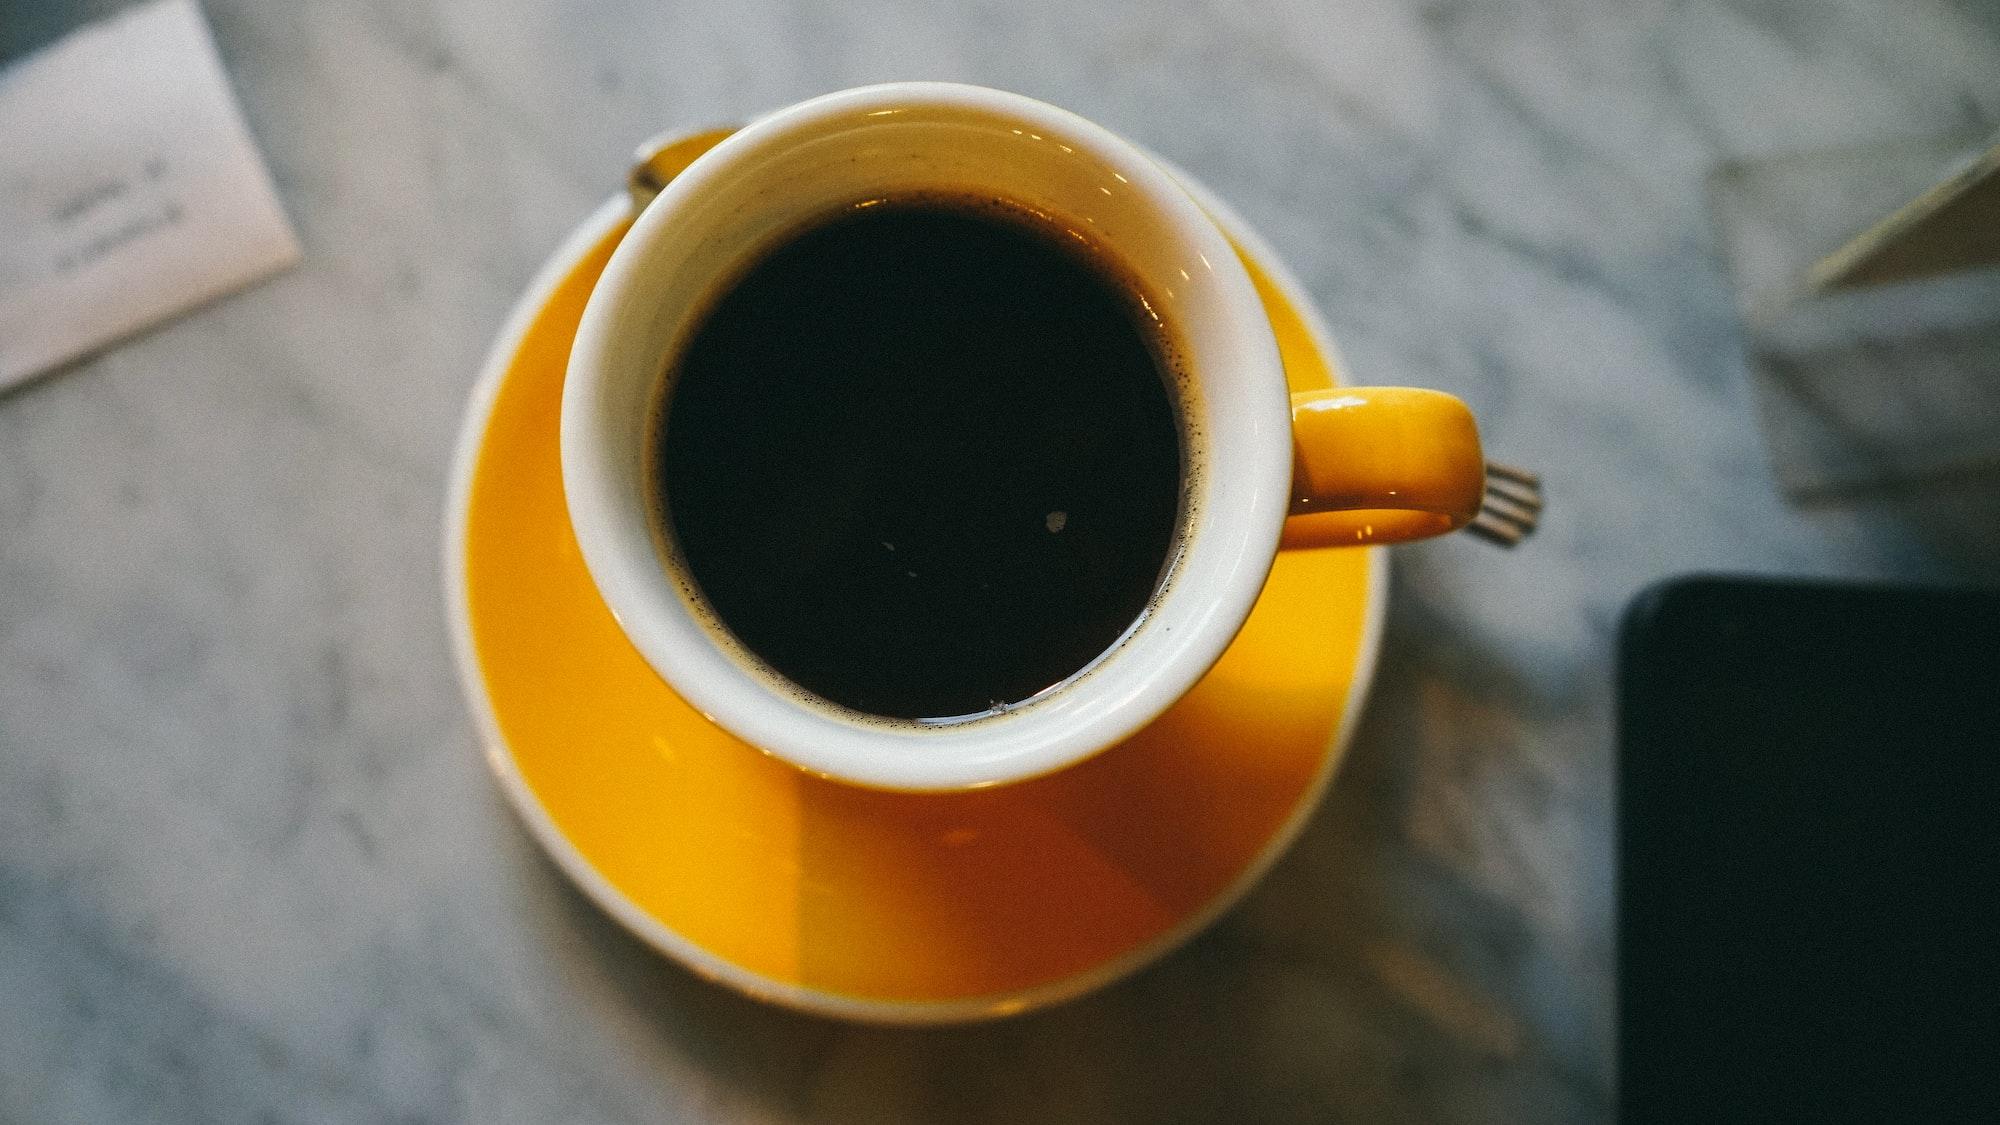 Café Devoción coffee